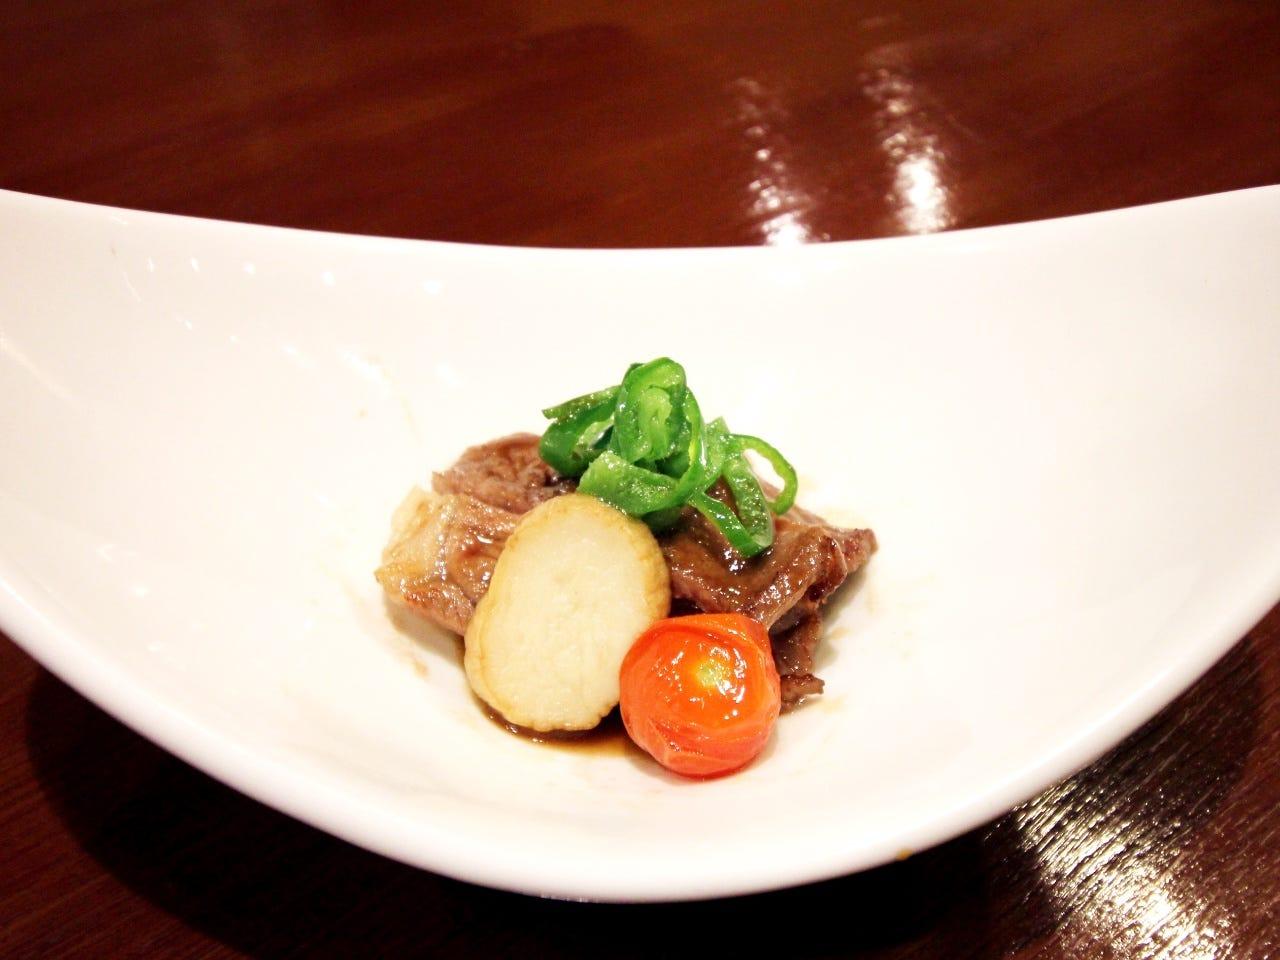 お箸で食べれる【よくばり和洋コース】飲み放題付7,000円(税込)コース